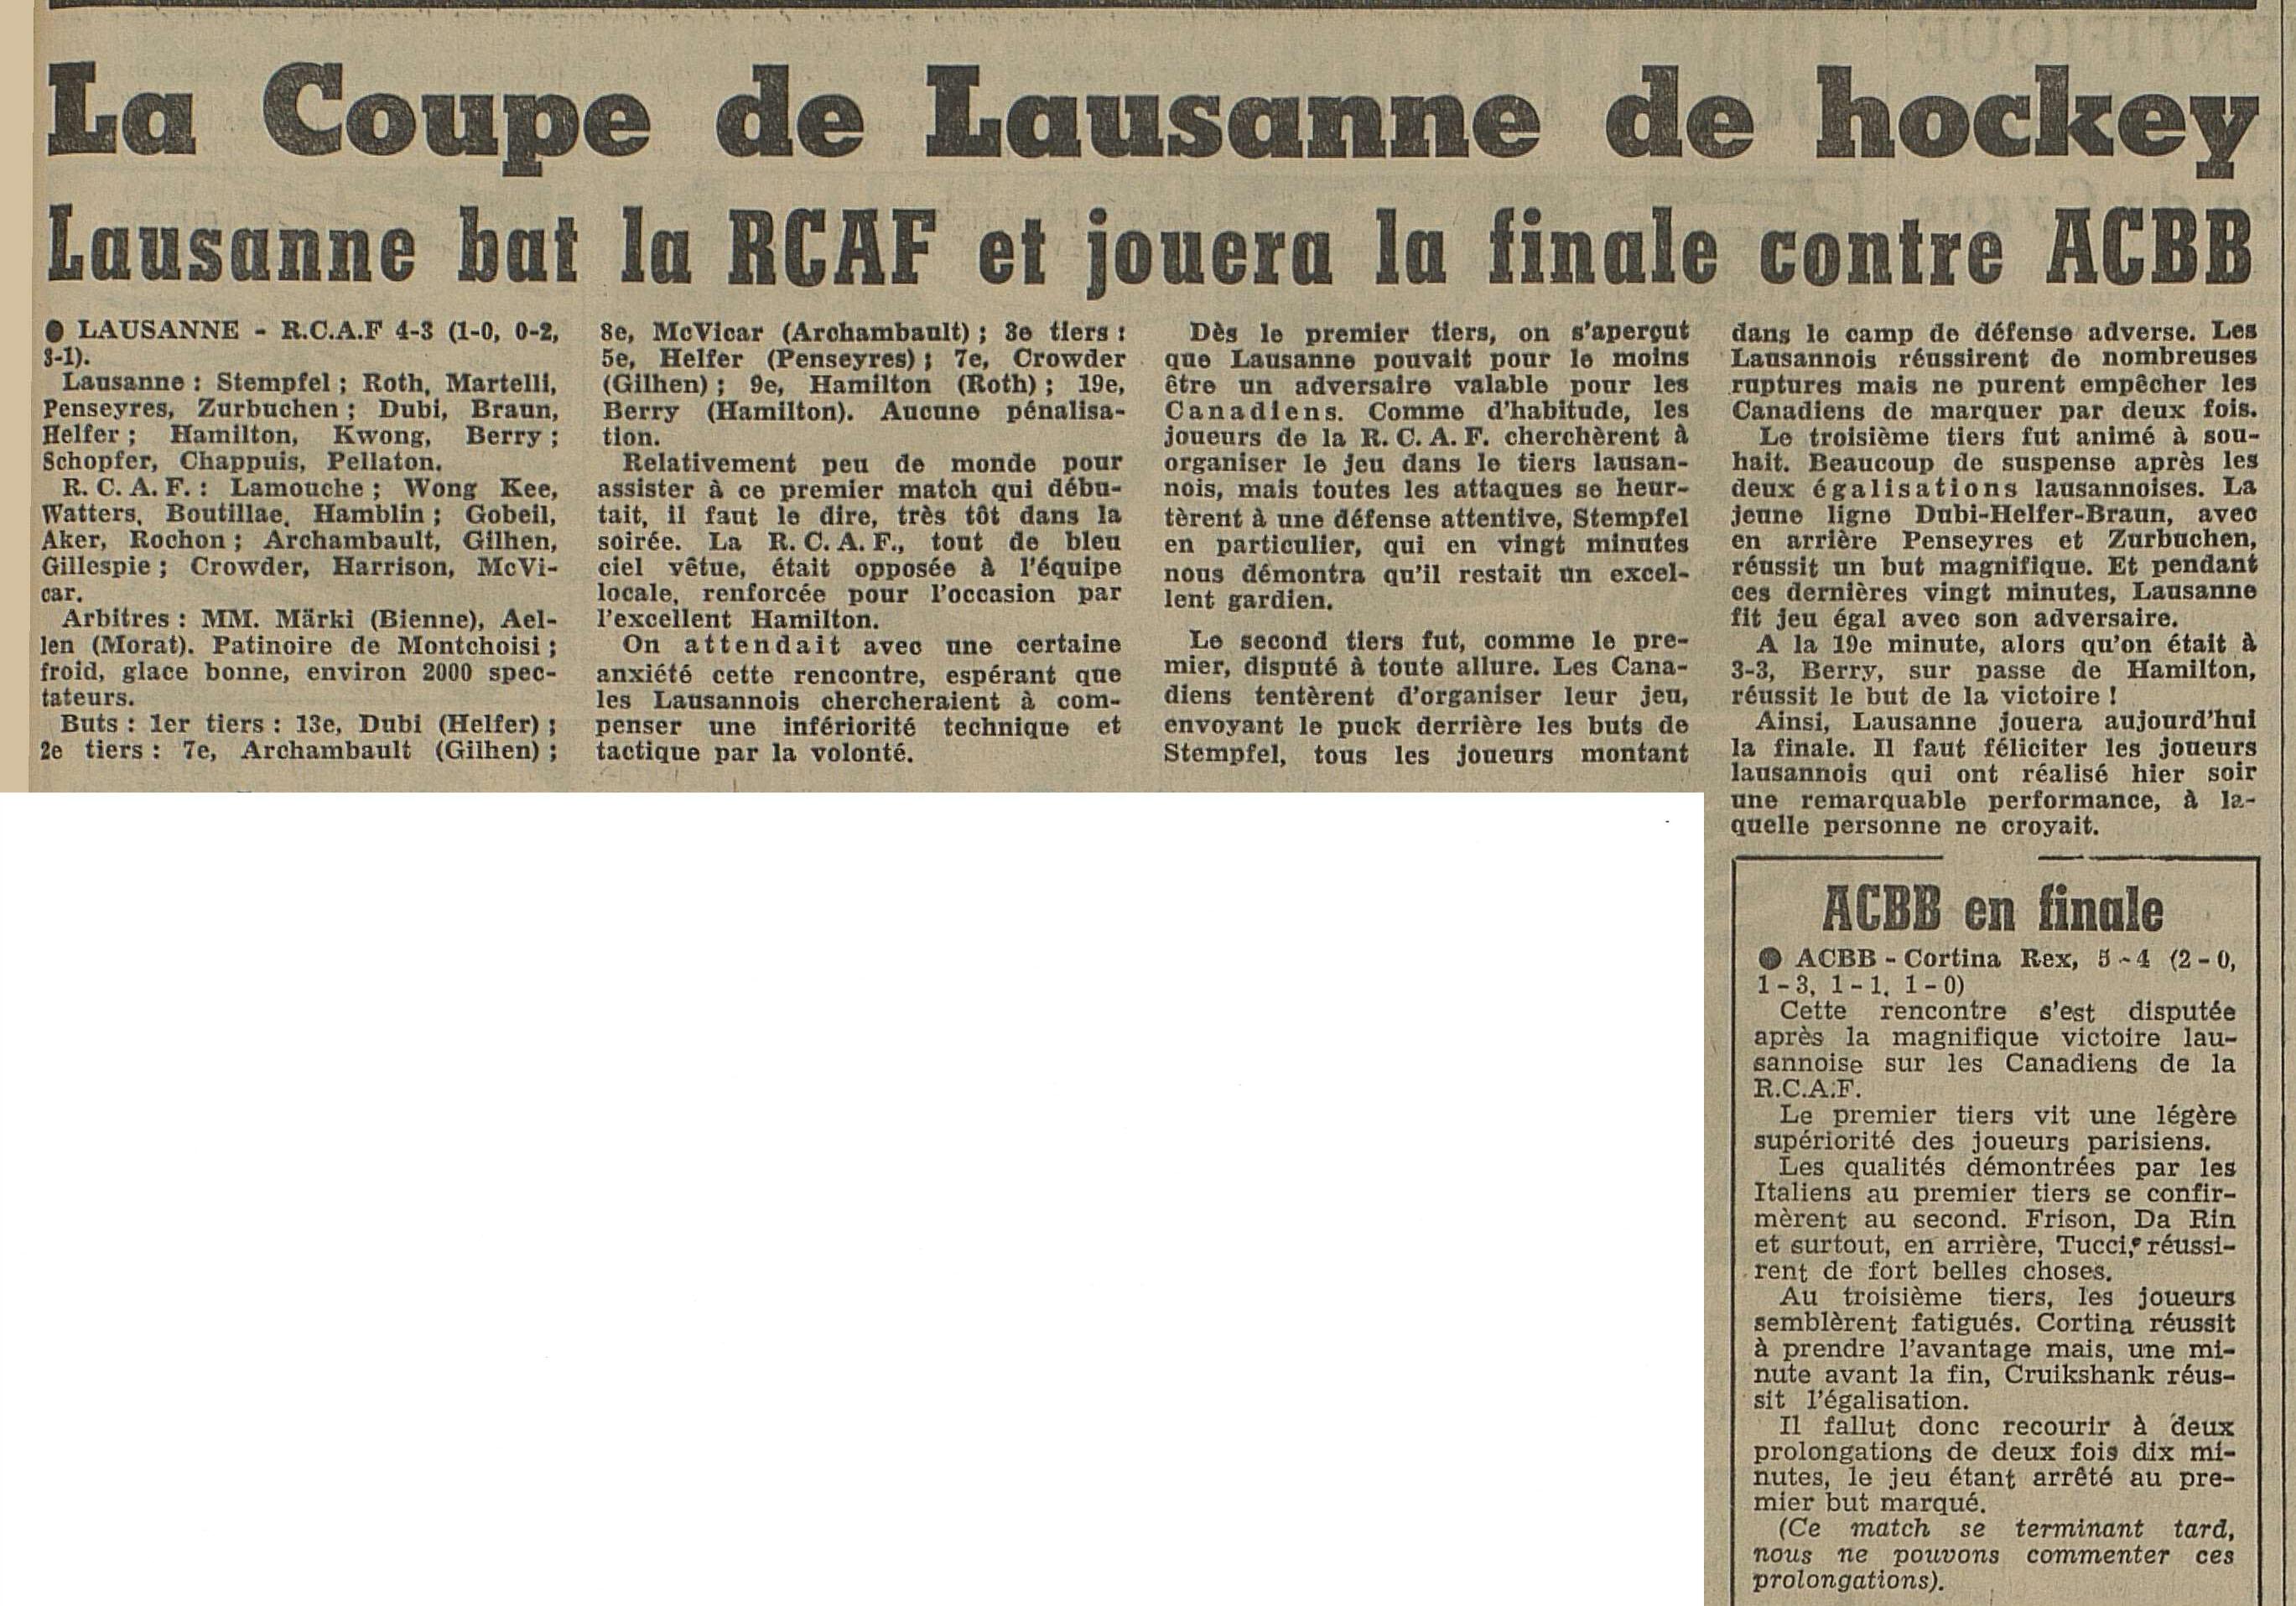 Le Matin - Tribune de Lausanne_19611112_-2++.jpg